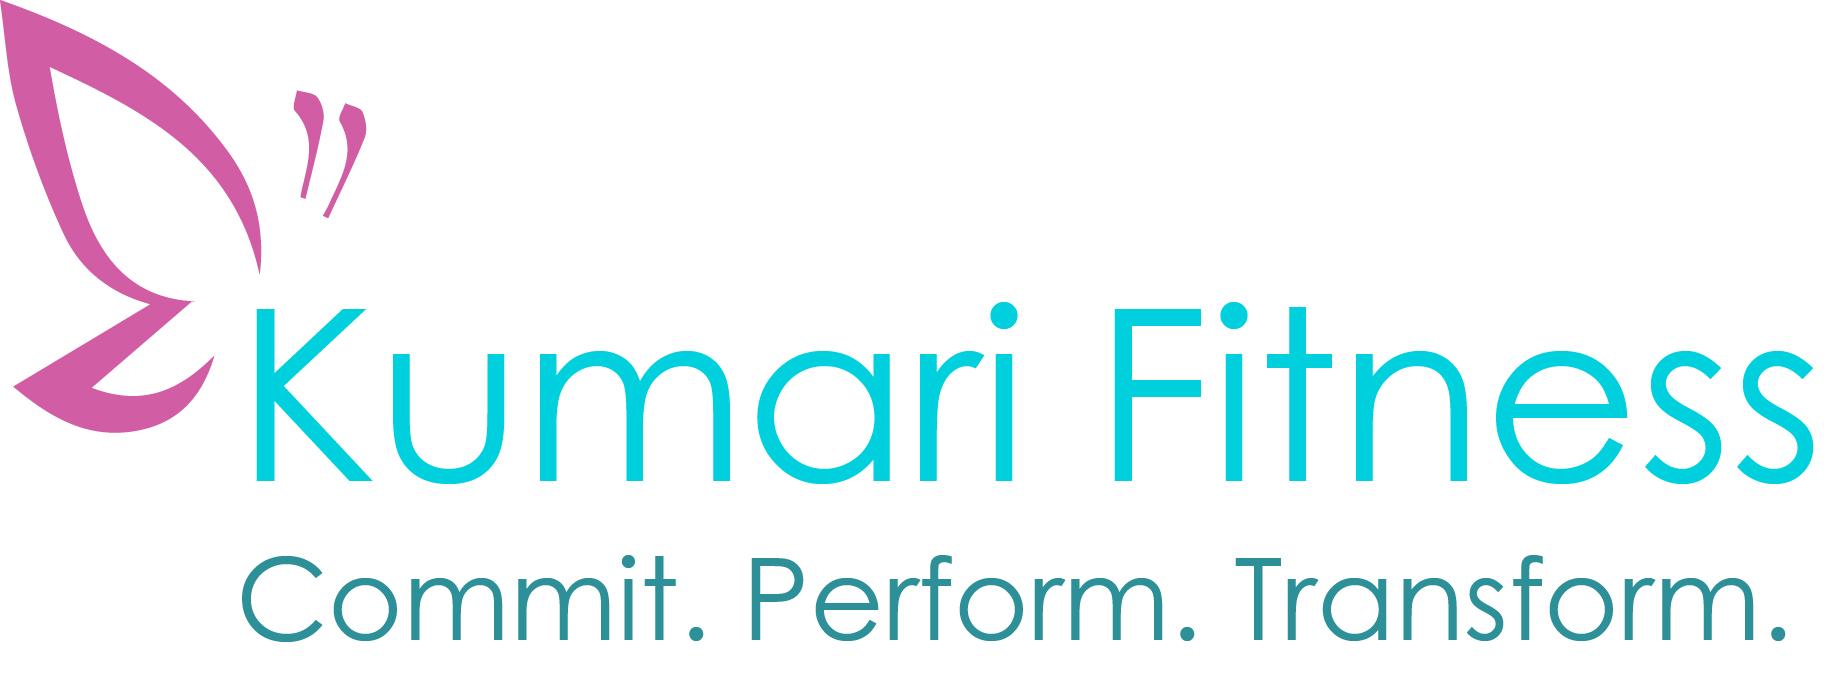 KF_Logo_FINAL.jpg